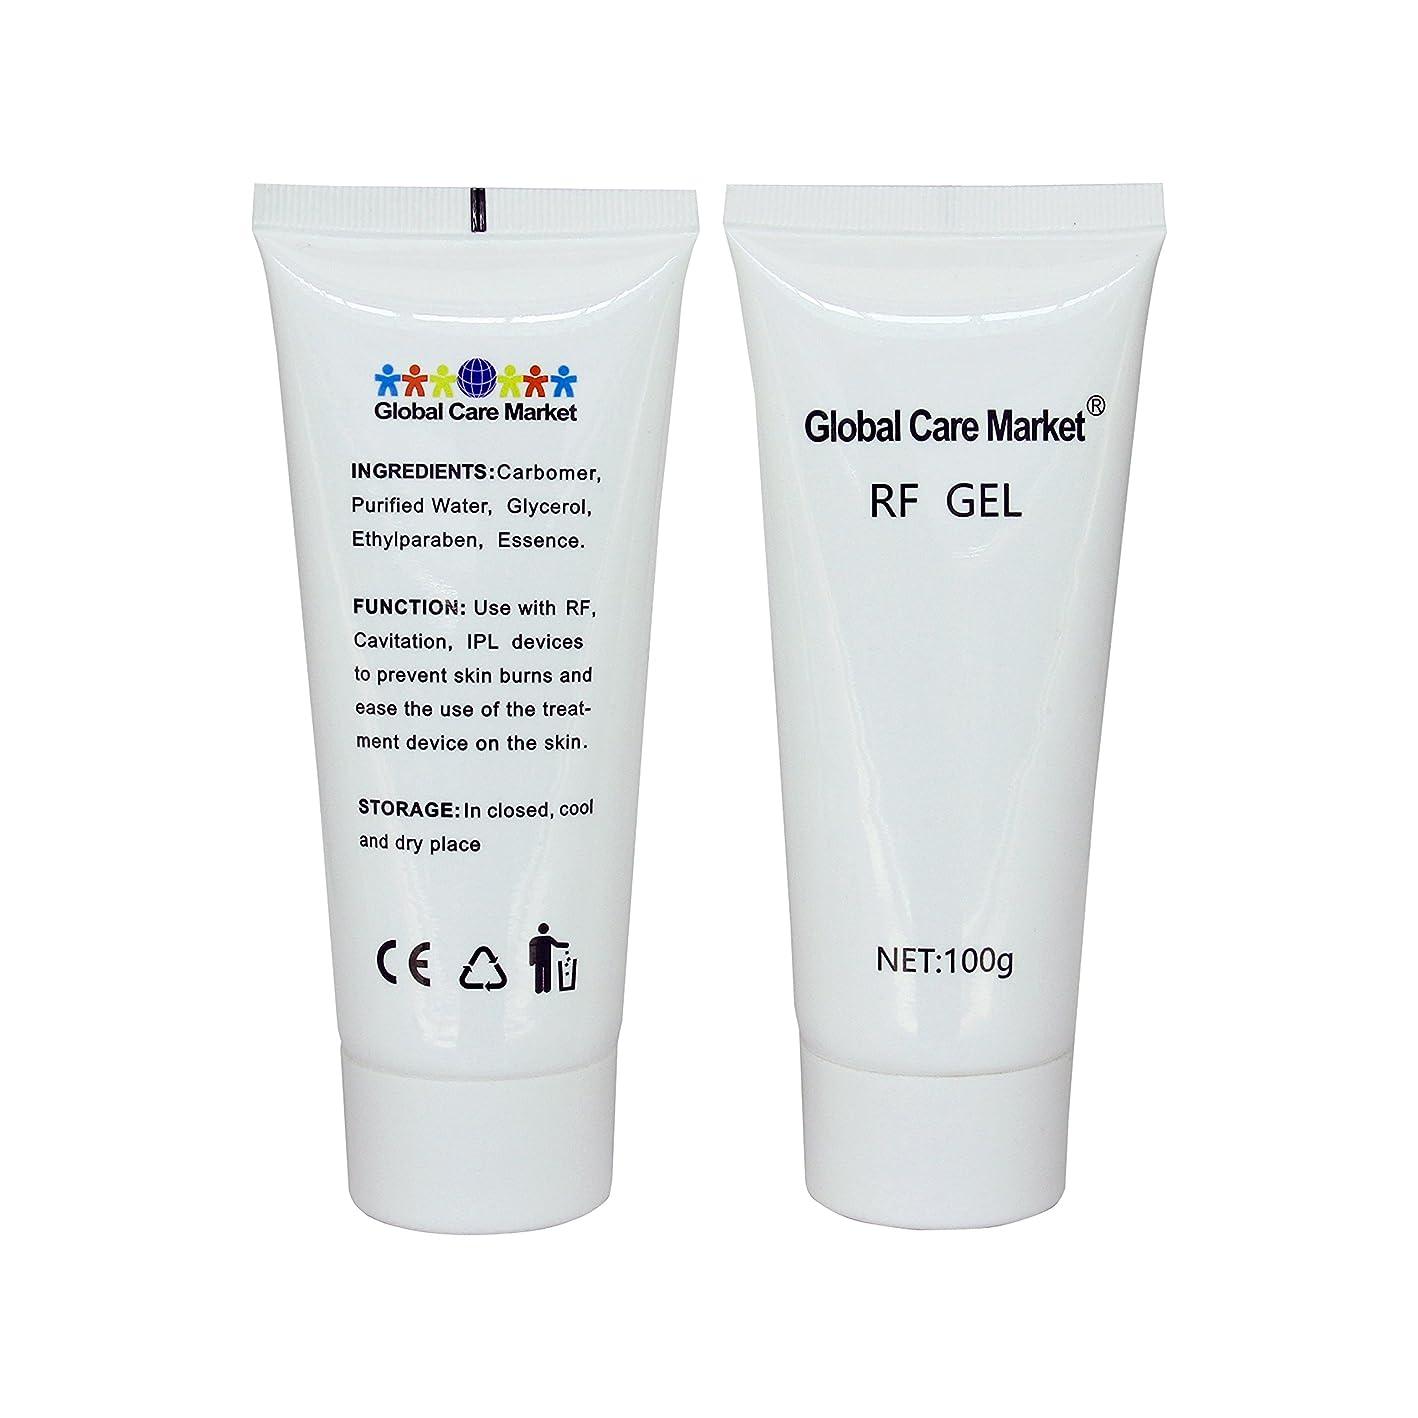 魅力維持する膨張するRF GEL(2 Pack) - 高周波治療装置に使用する皮膚冷却および潤滑です